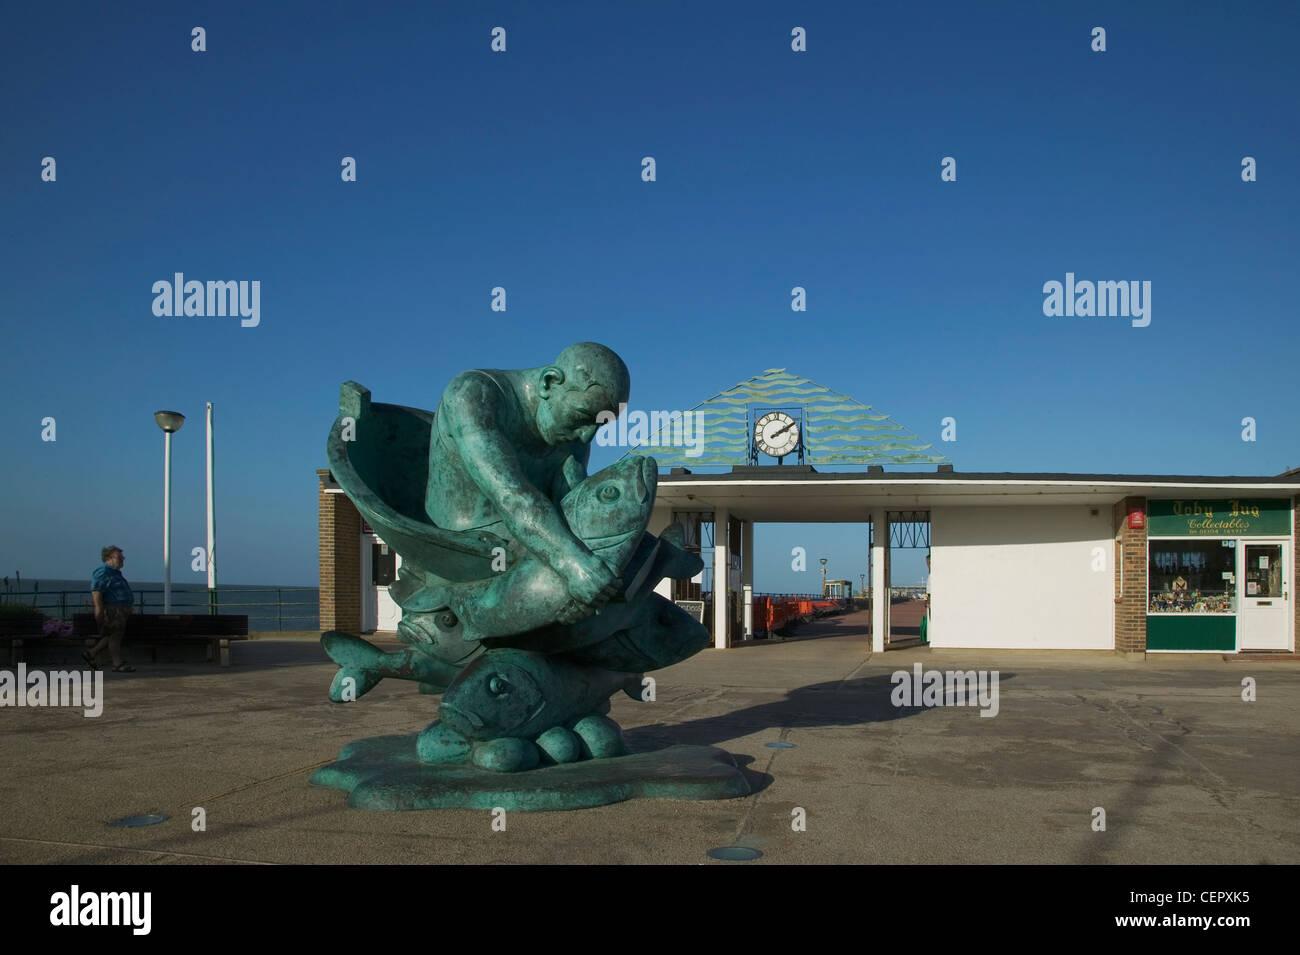 """Die Statue von Alan Yates hält ein riesiges Seebarsch mit dem Titel """"Embracing am Meer"""" von Jon Buck Stockbild"""